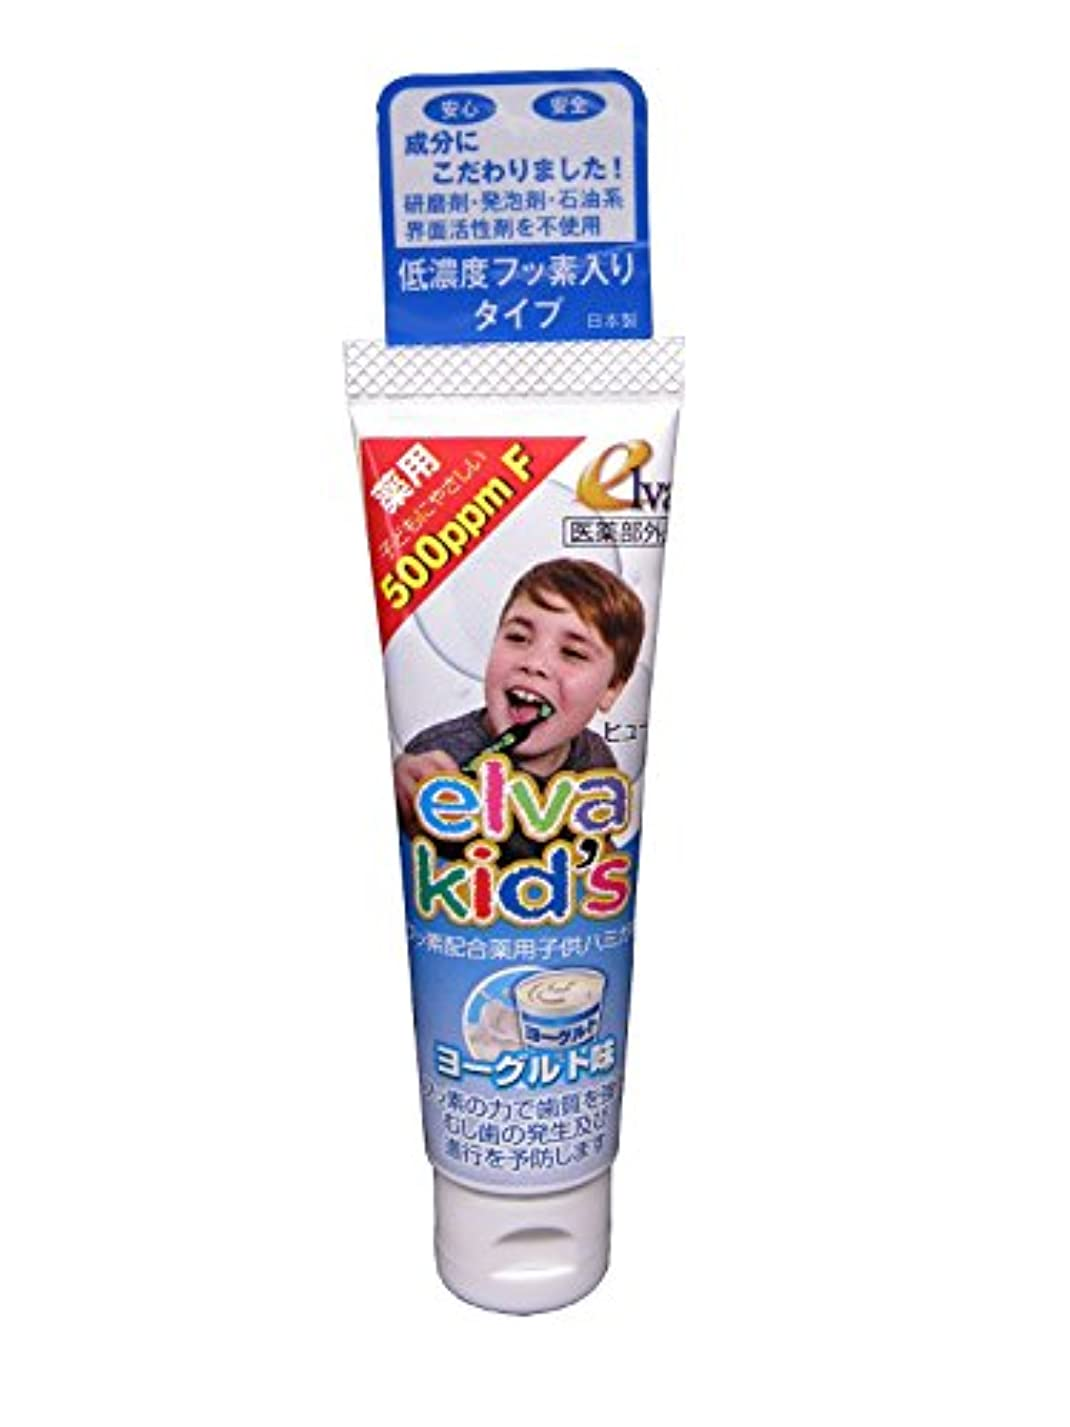 寸前韻電球エルバキッズ お母さんも安心のこだわりの歯磨き粉 フッ素あり ヨーグルト味 2個セット